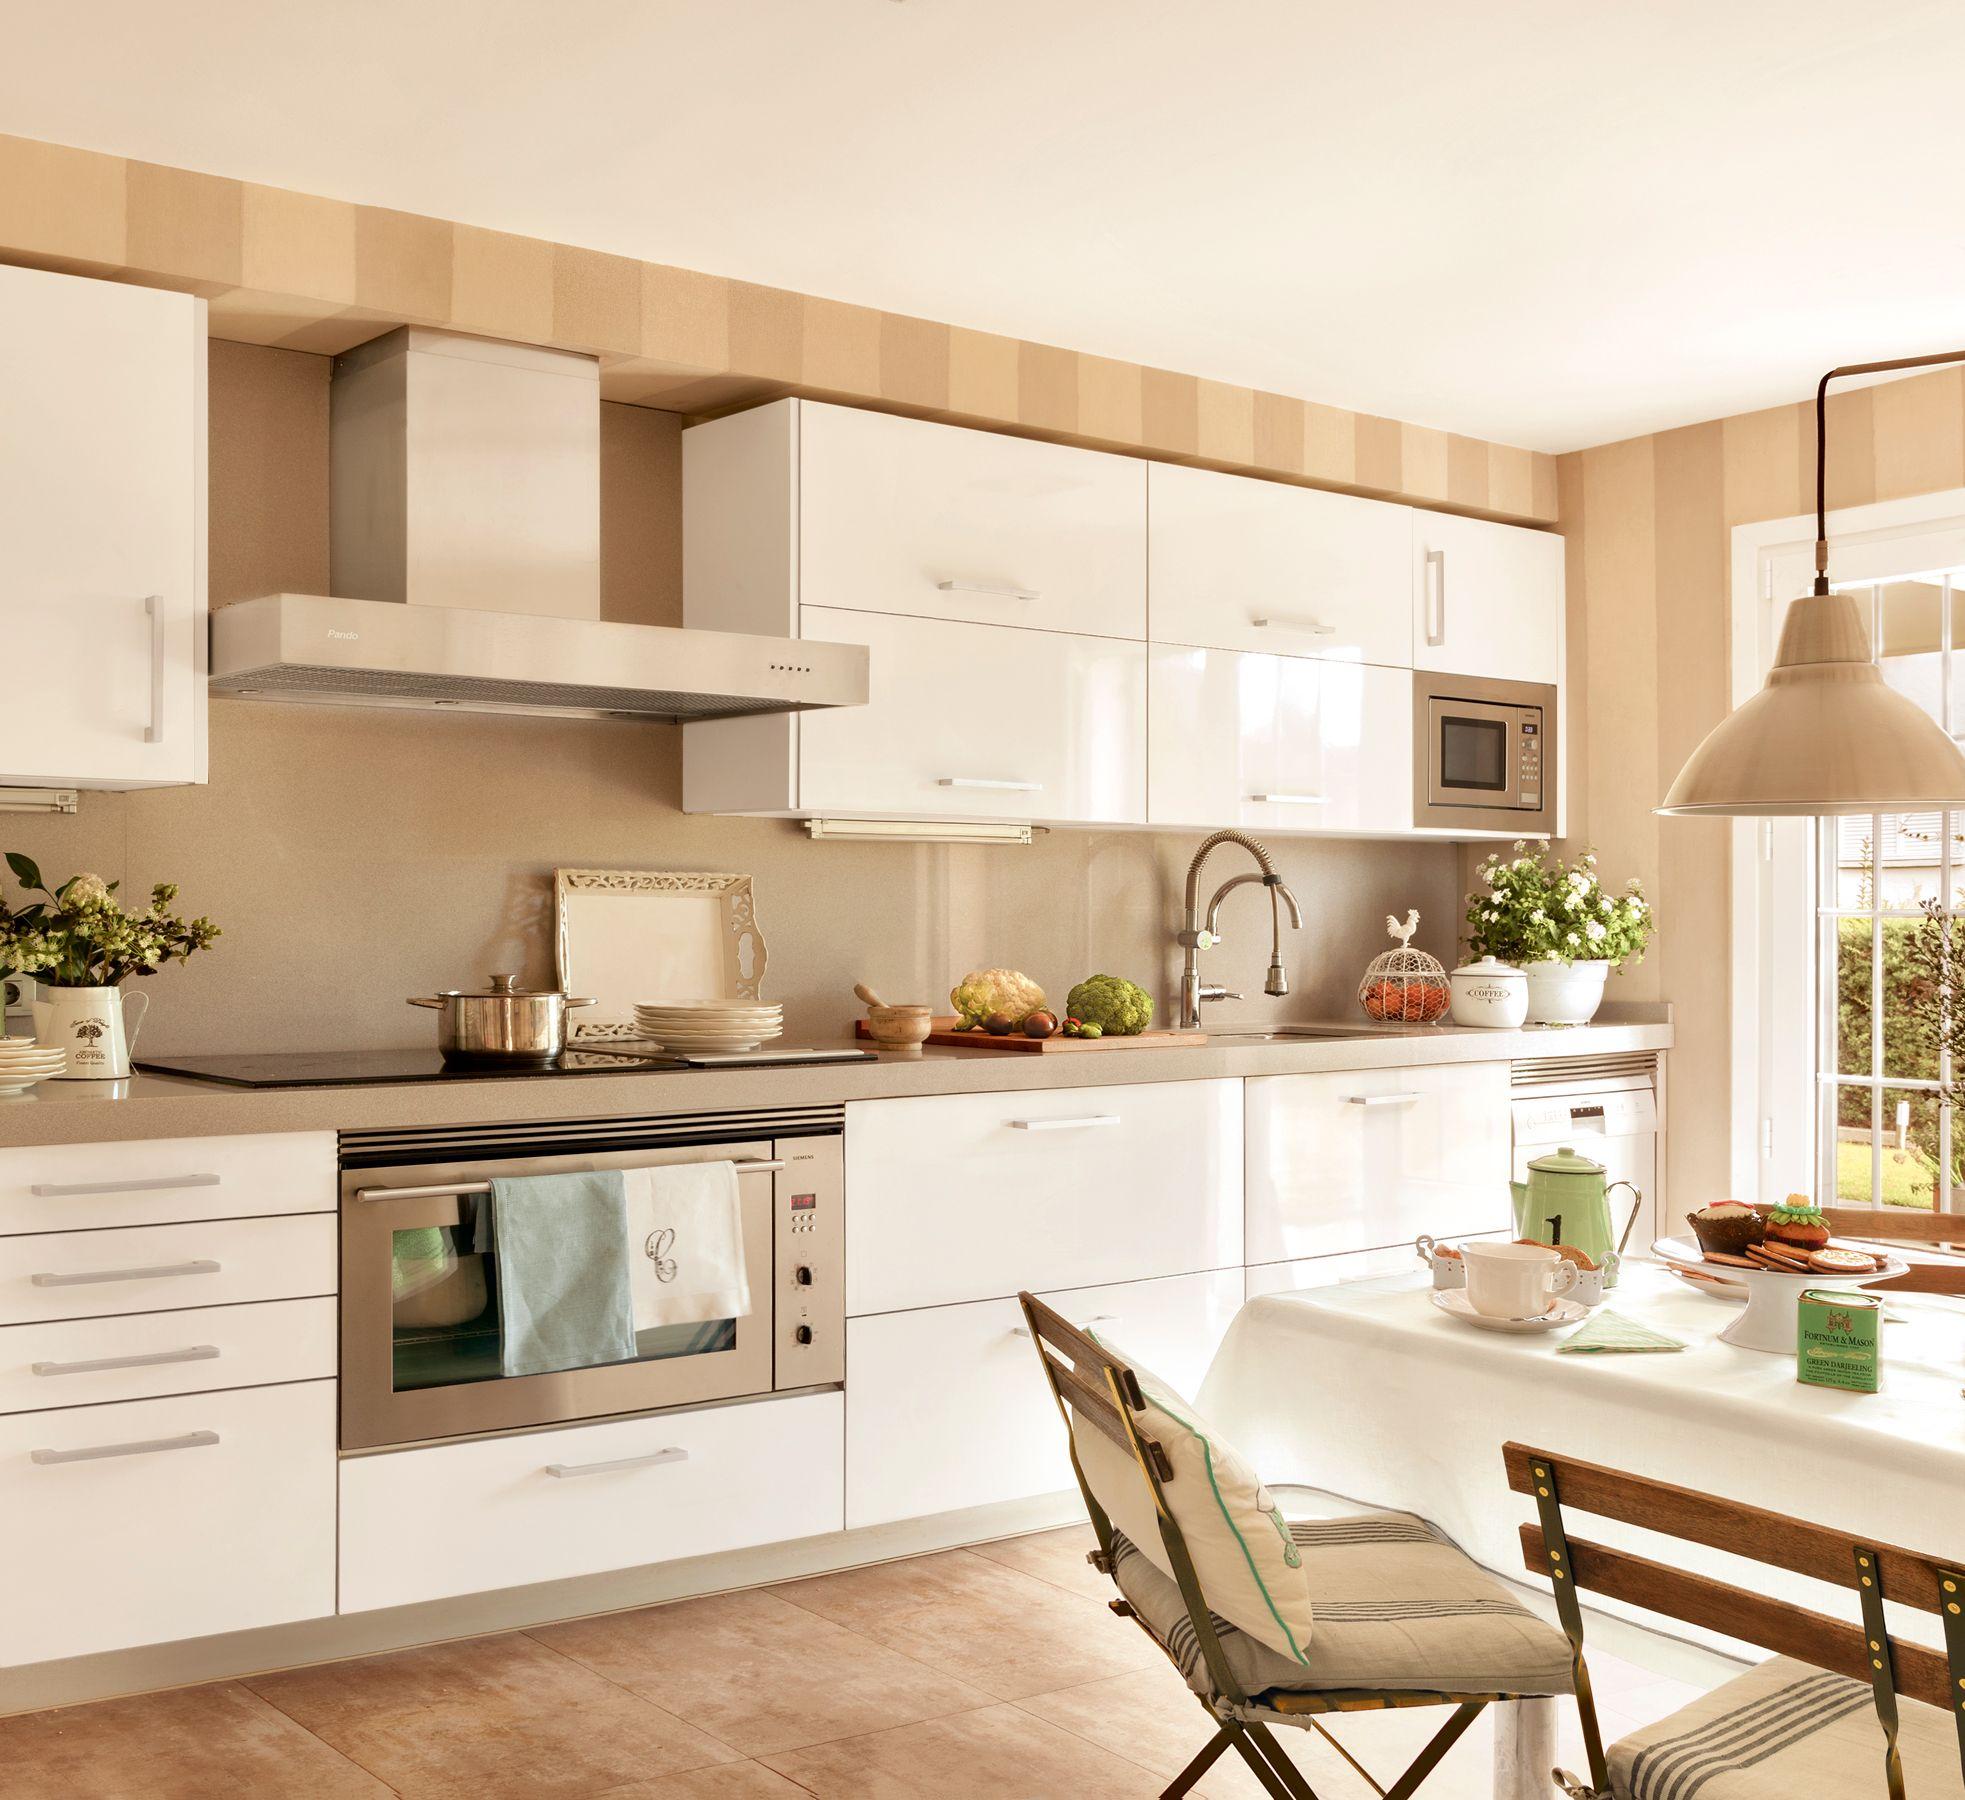 Amplia cocina con encimera de mármol beige y mobiliario en blanco_15 ...